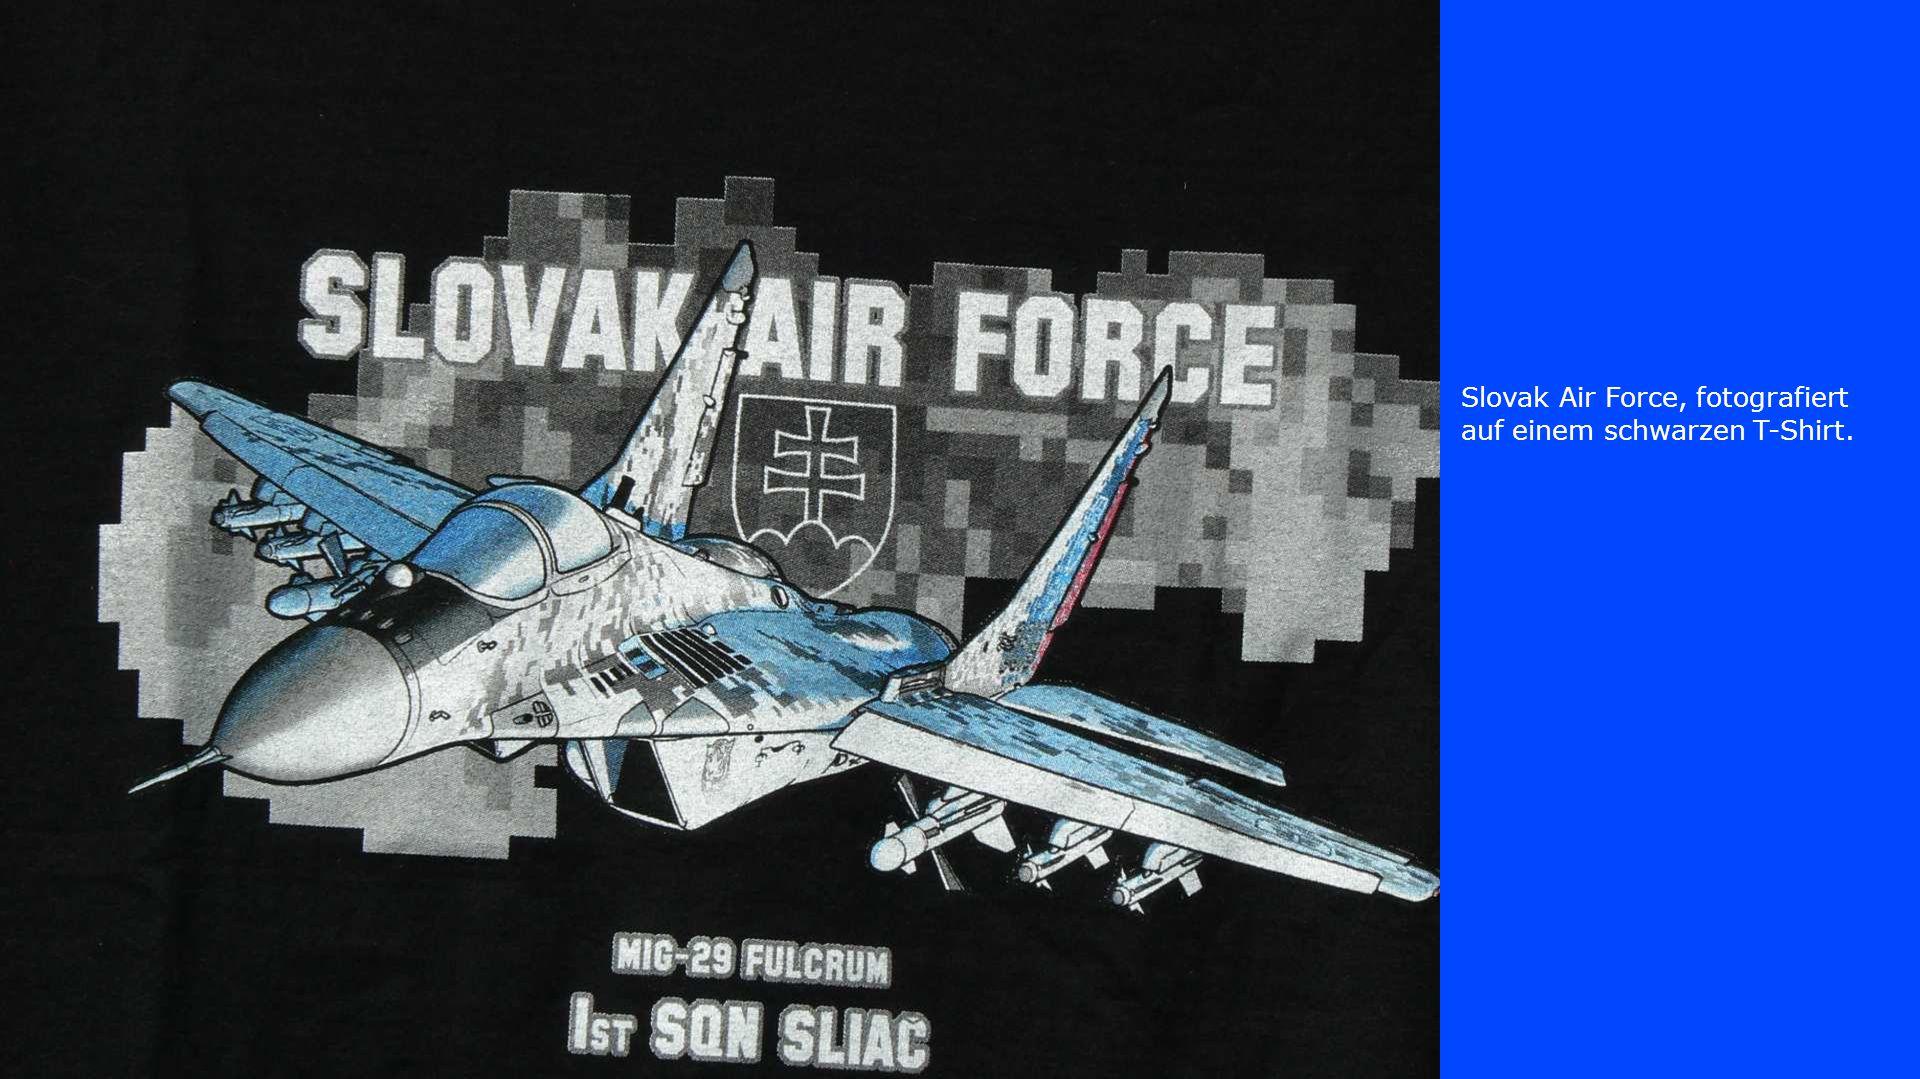 Slovak Air Force, fotografiert auf einem schwarzen T-Shirt.